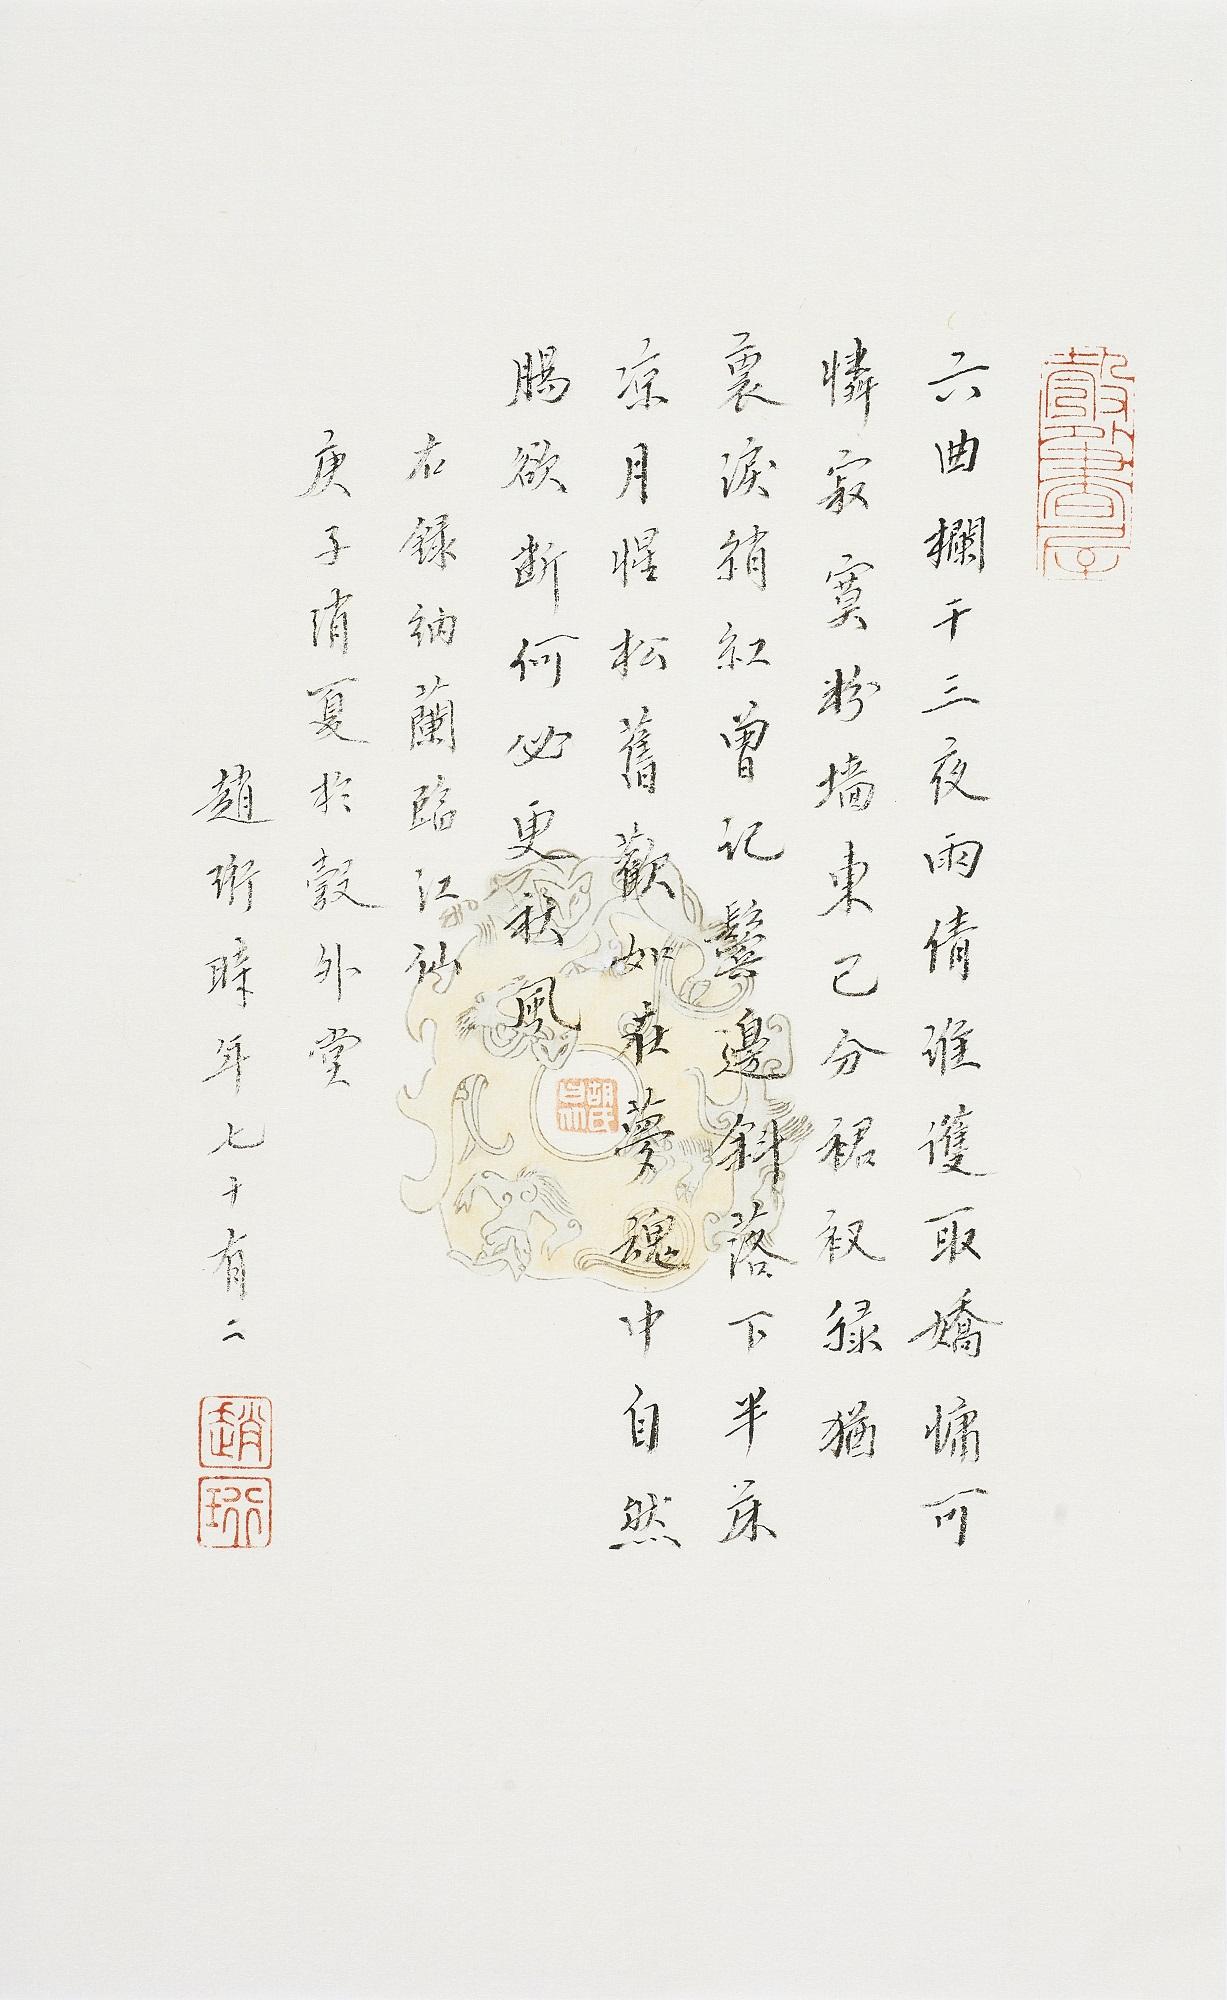 錄納蘭性德《臨江仙·六曲欄杆三夜雨》